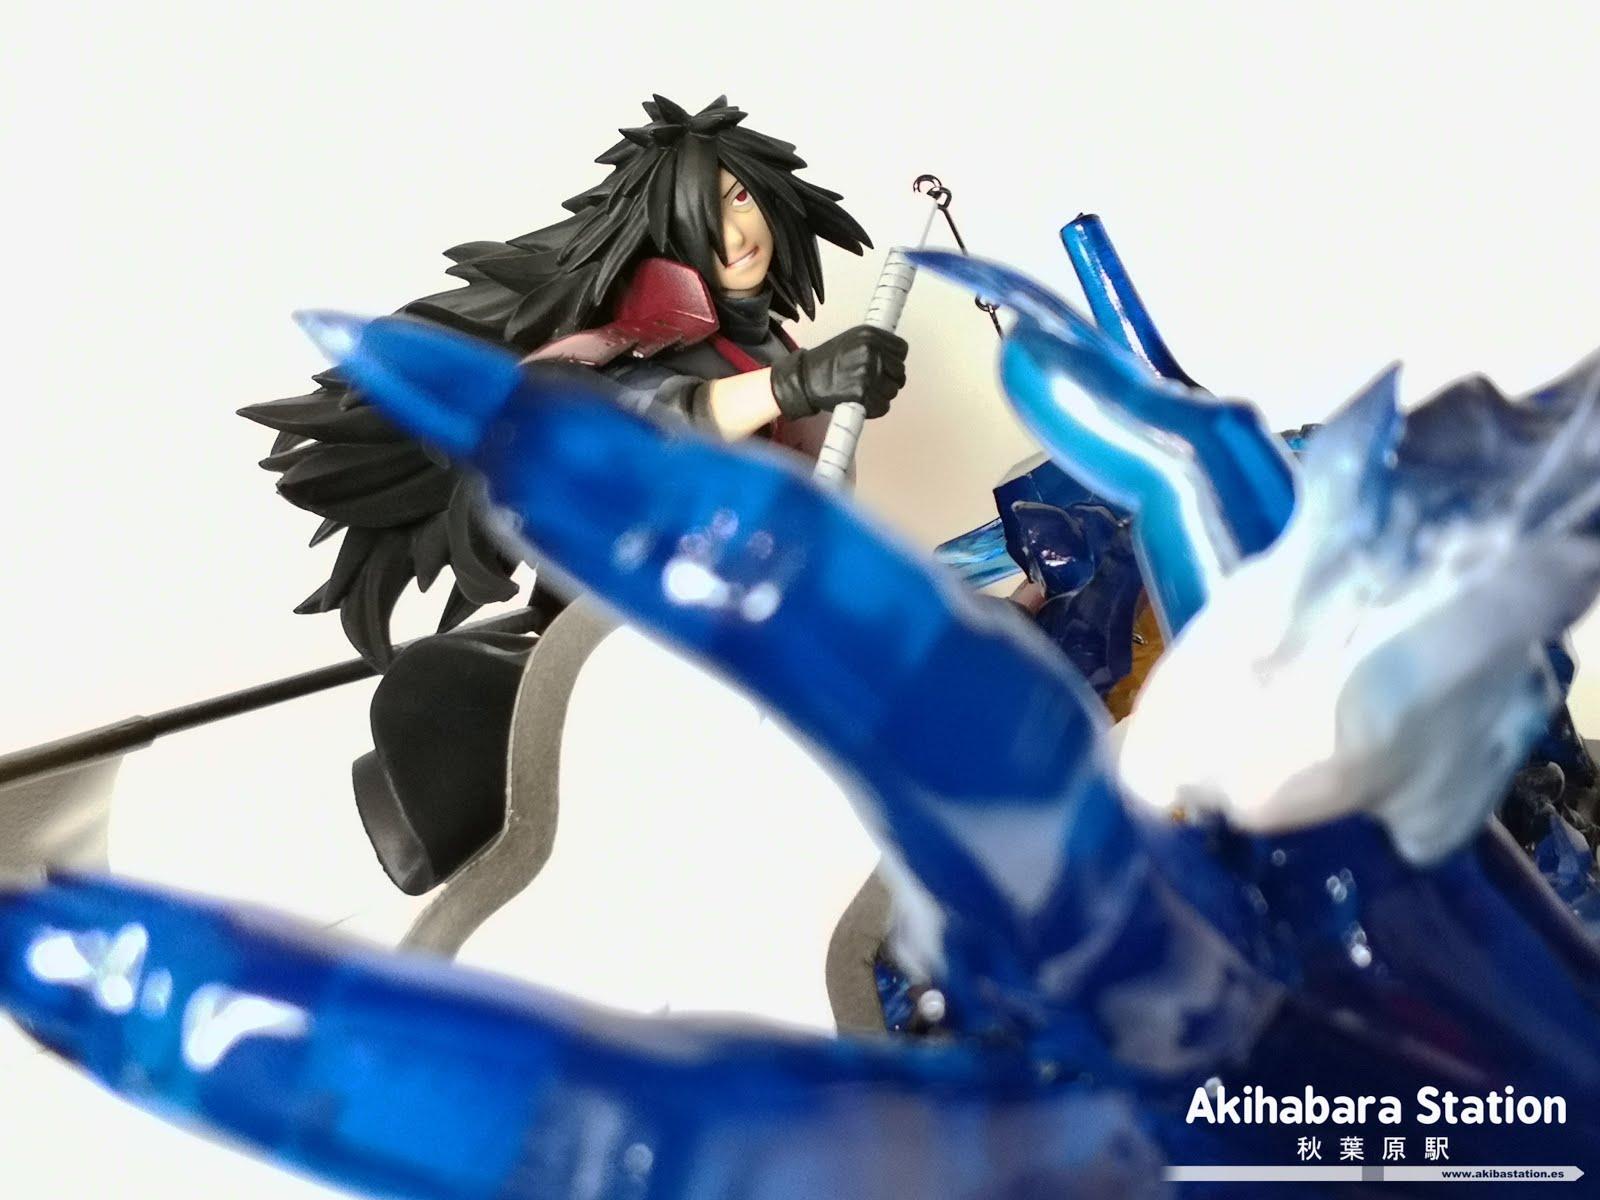 Figuarts ZERO Uchiha Madara y Shenjyu Hashirama 絆 kizuna」Relation - Tamashii Nations